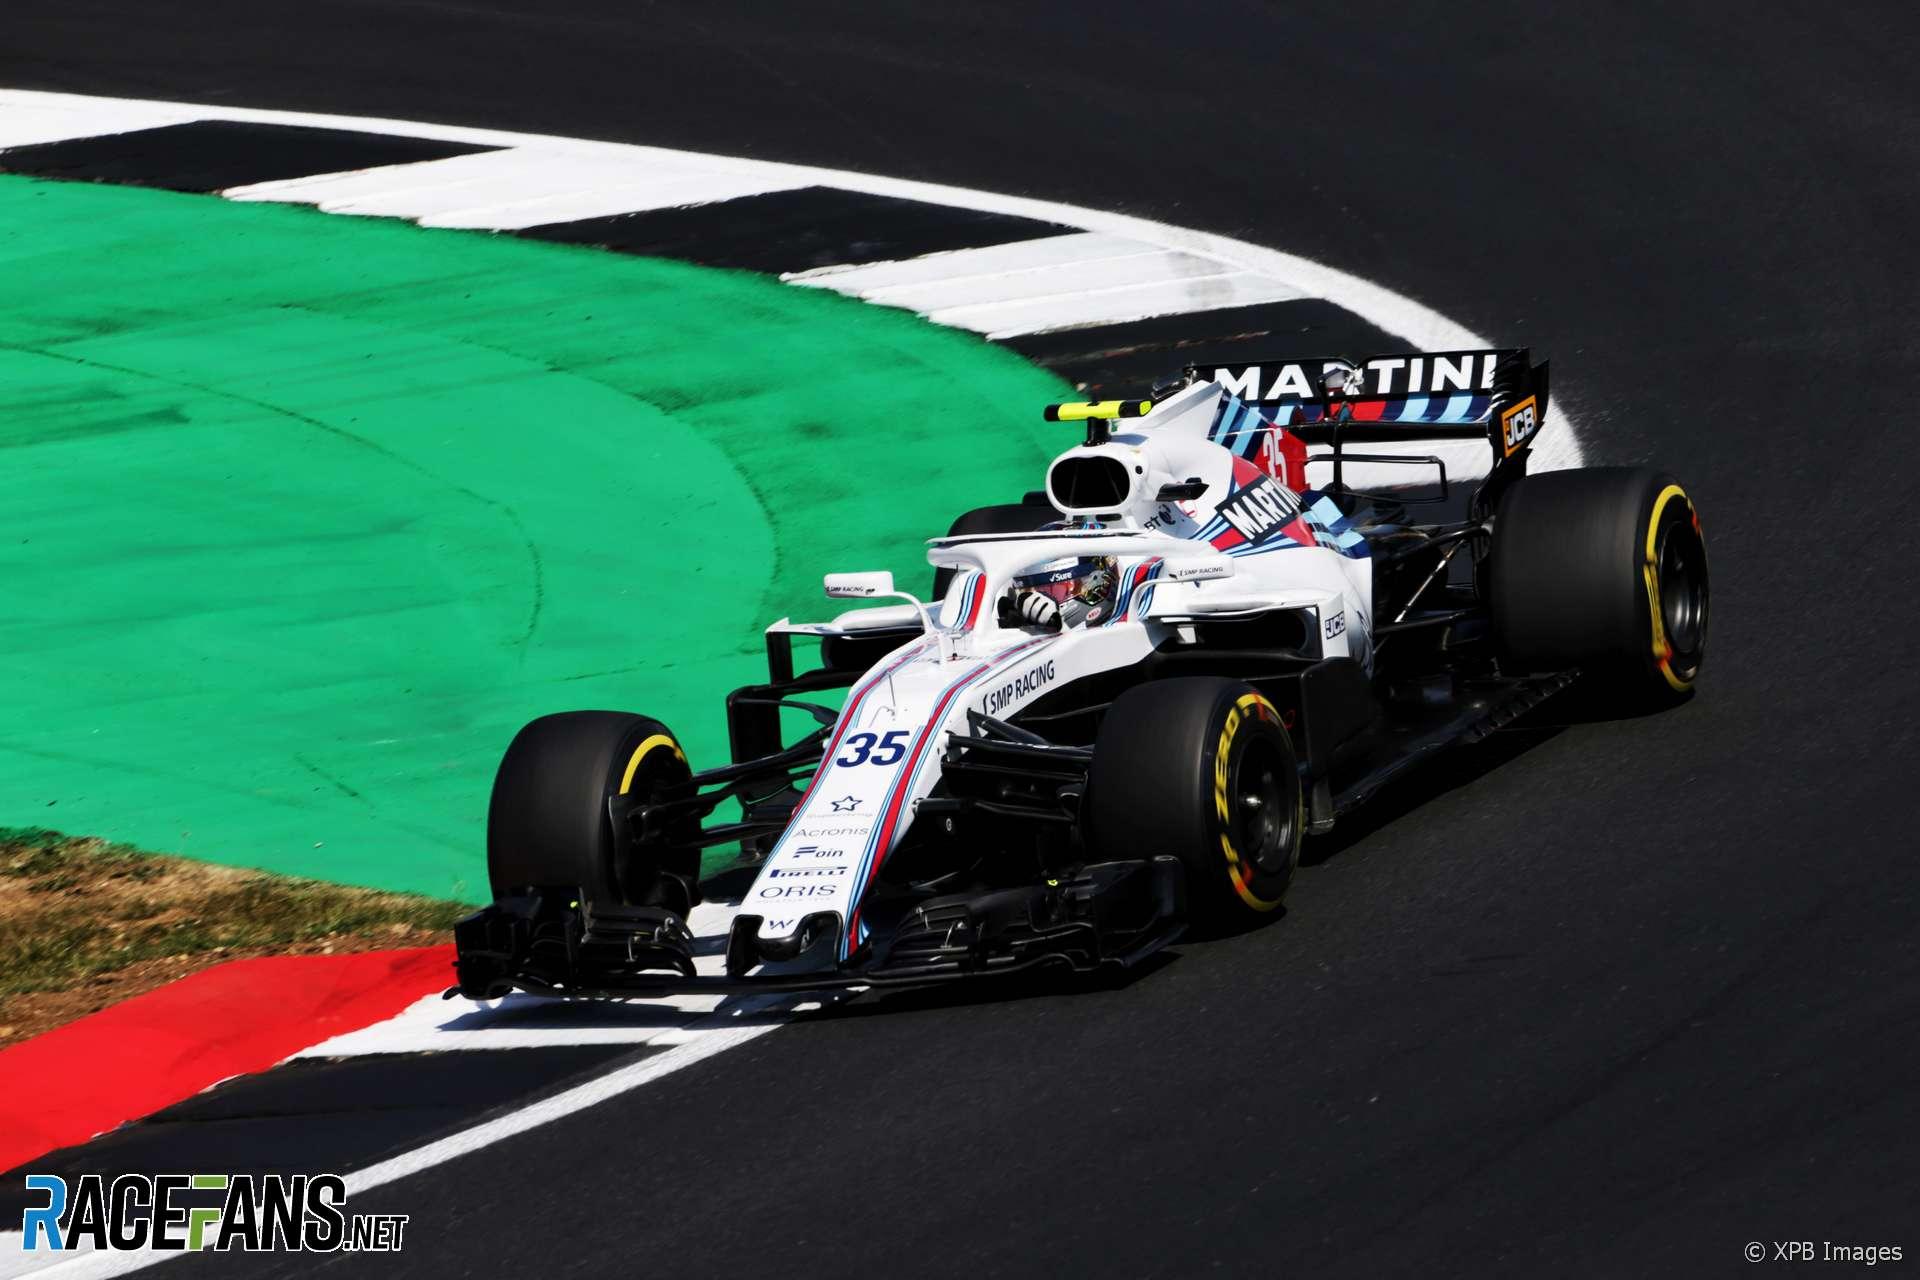 Sergey Sirotkin, Williams, Silverstone, 2018